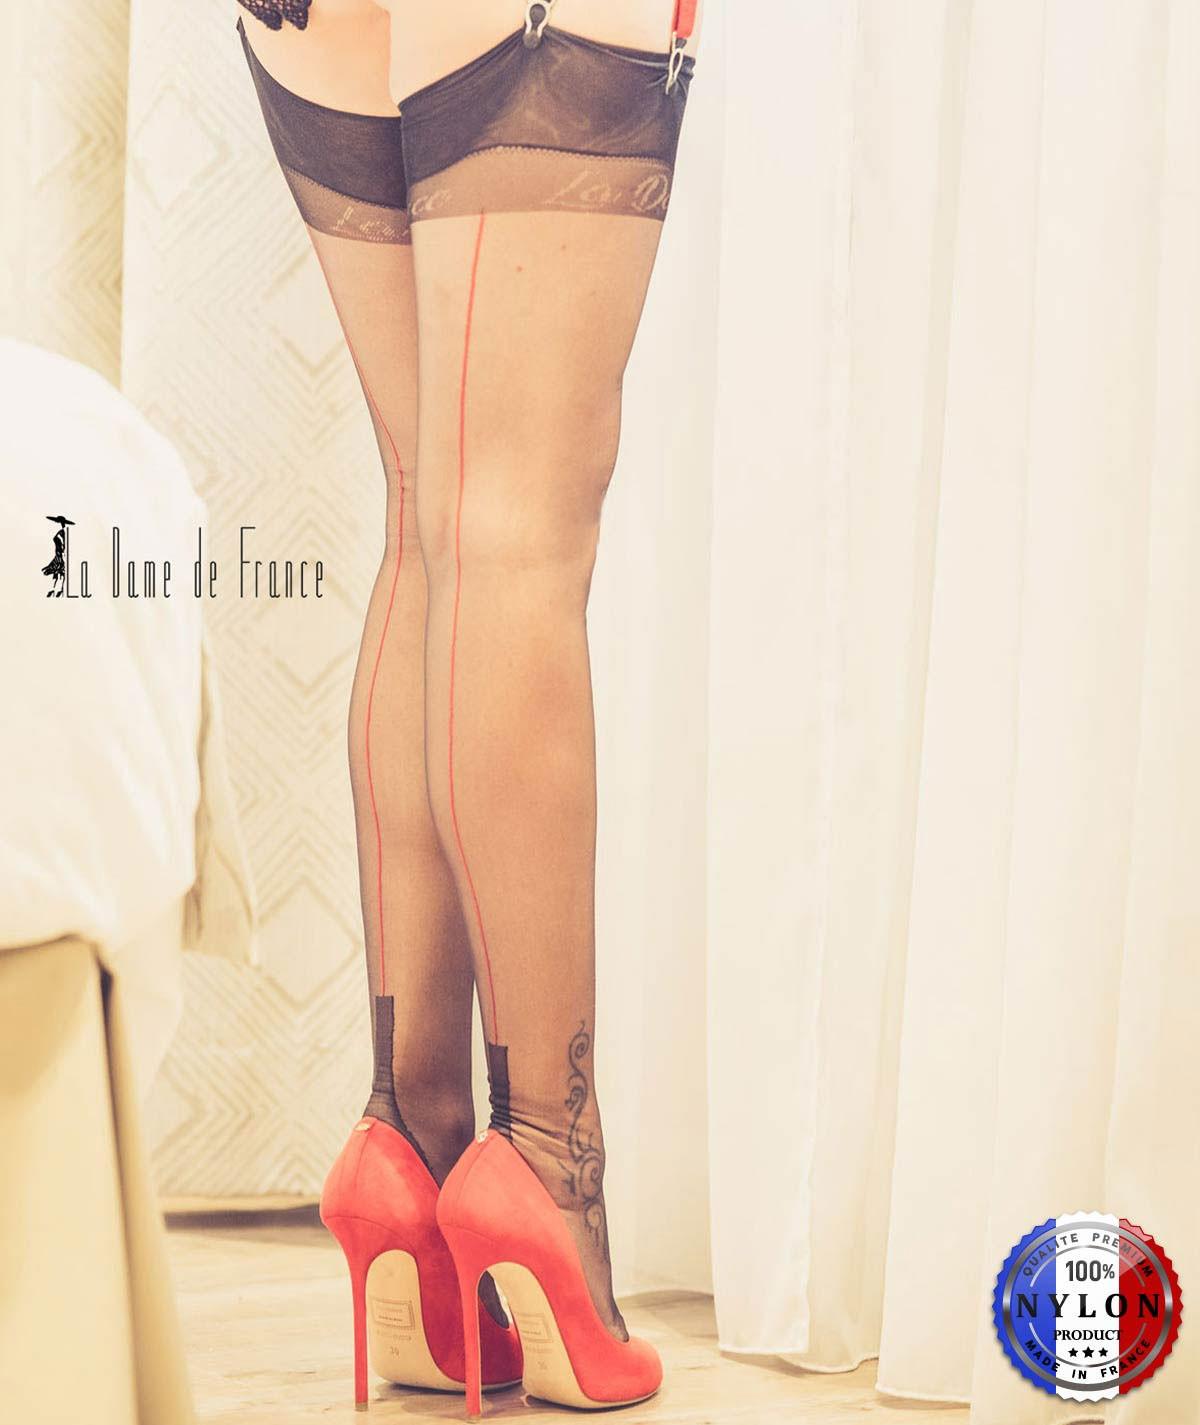 bas couture bicolore noir et rouge, nylon transparent et fin pas cher, très bonne qualité française